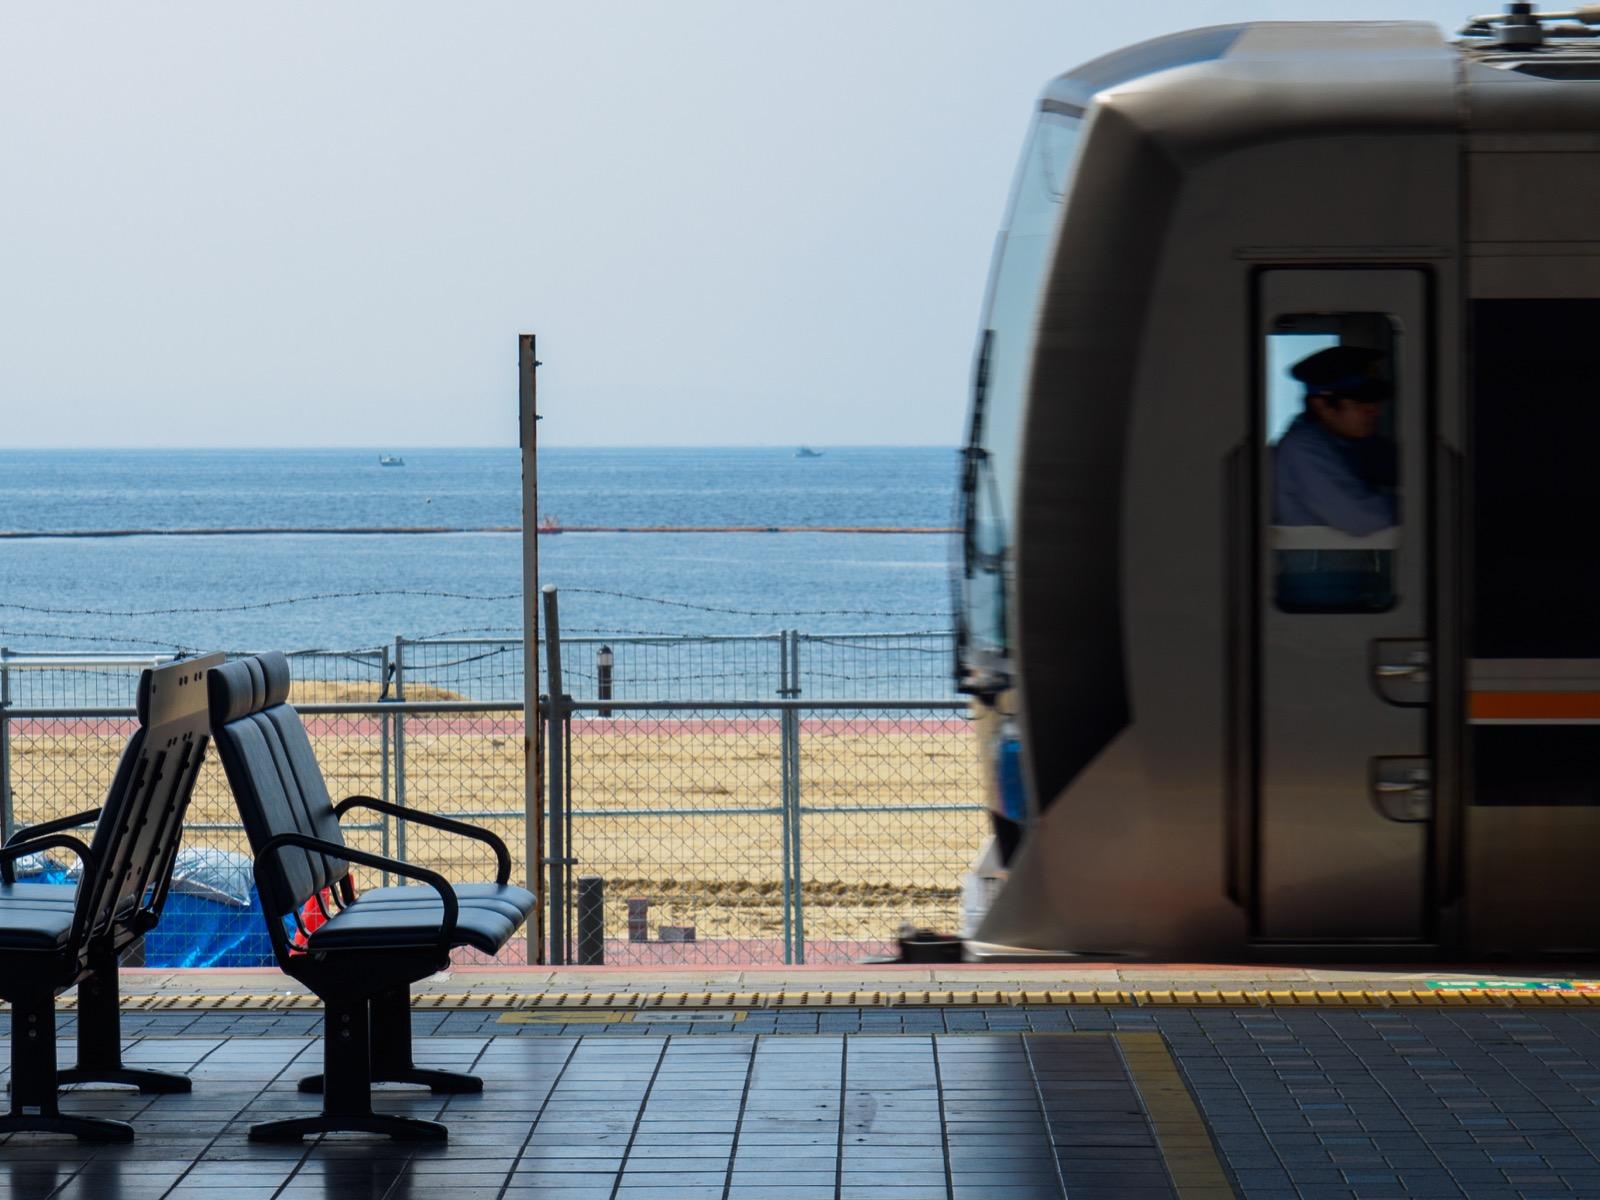 須磨駅を発つ列車と須磨海水浴場